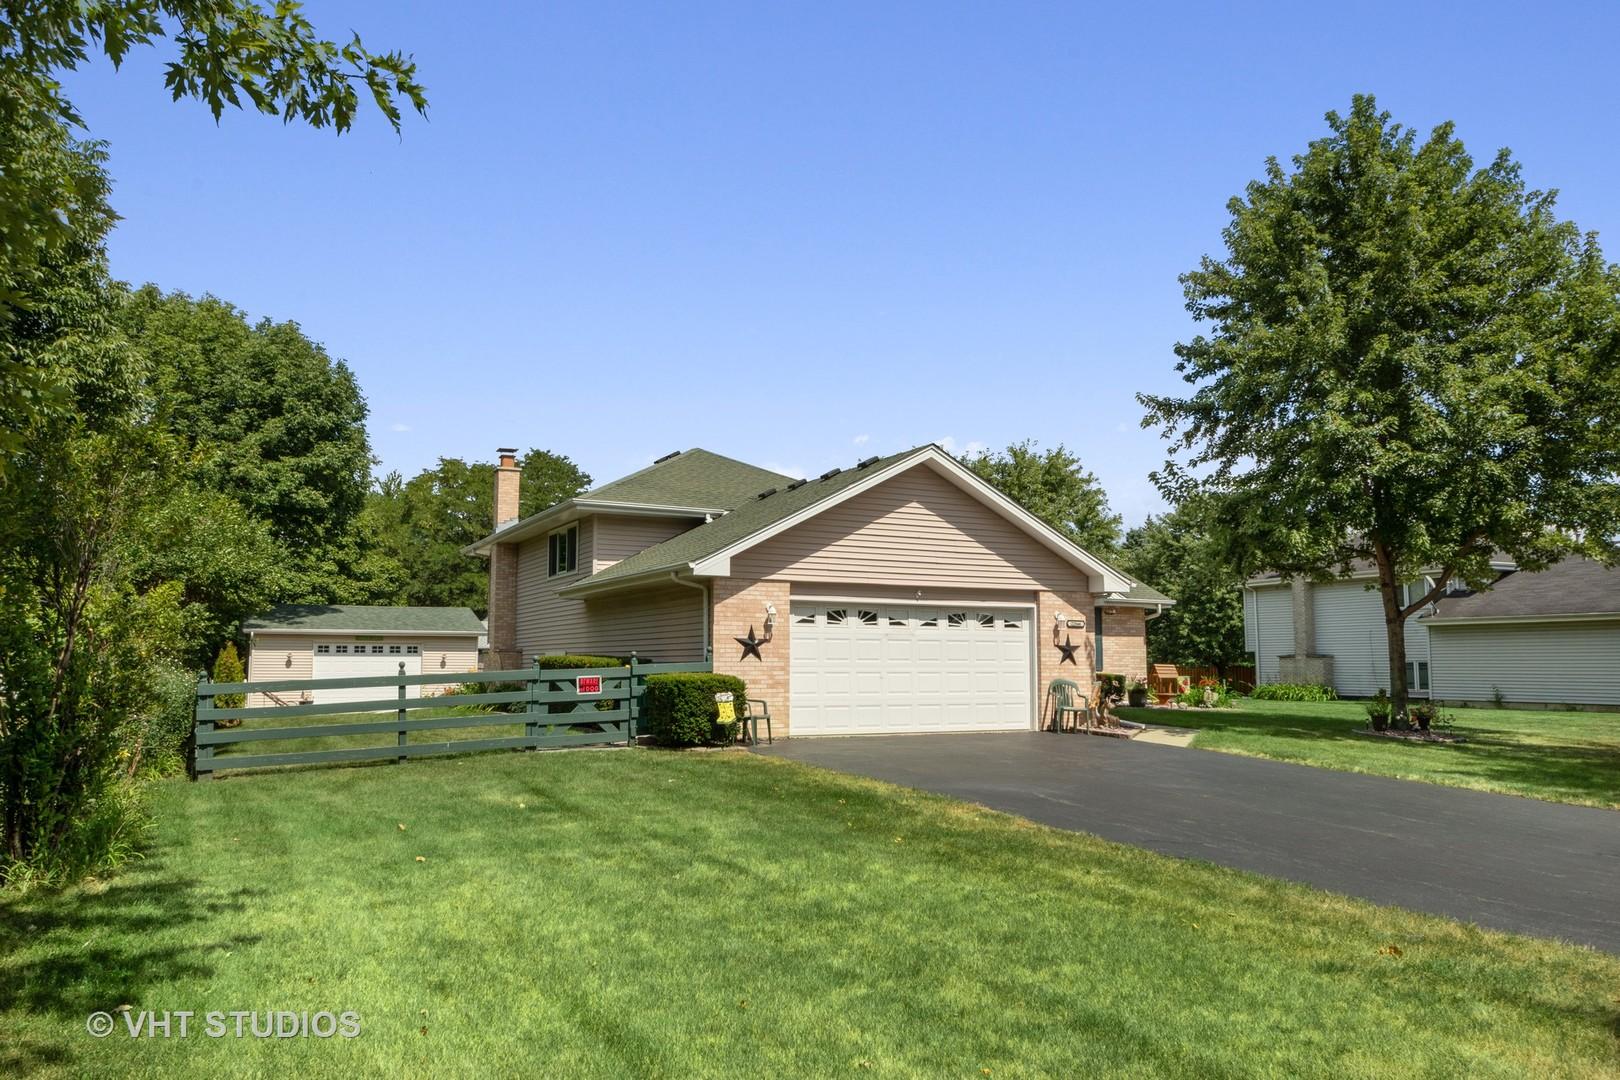 22846 Bussey, Plainfield, Illinois, 60586